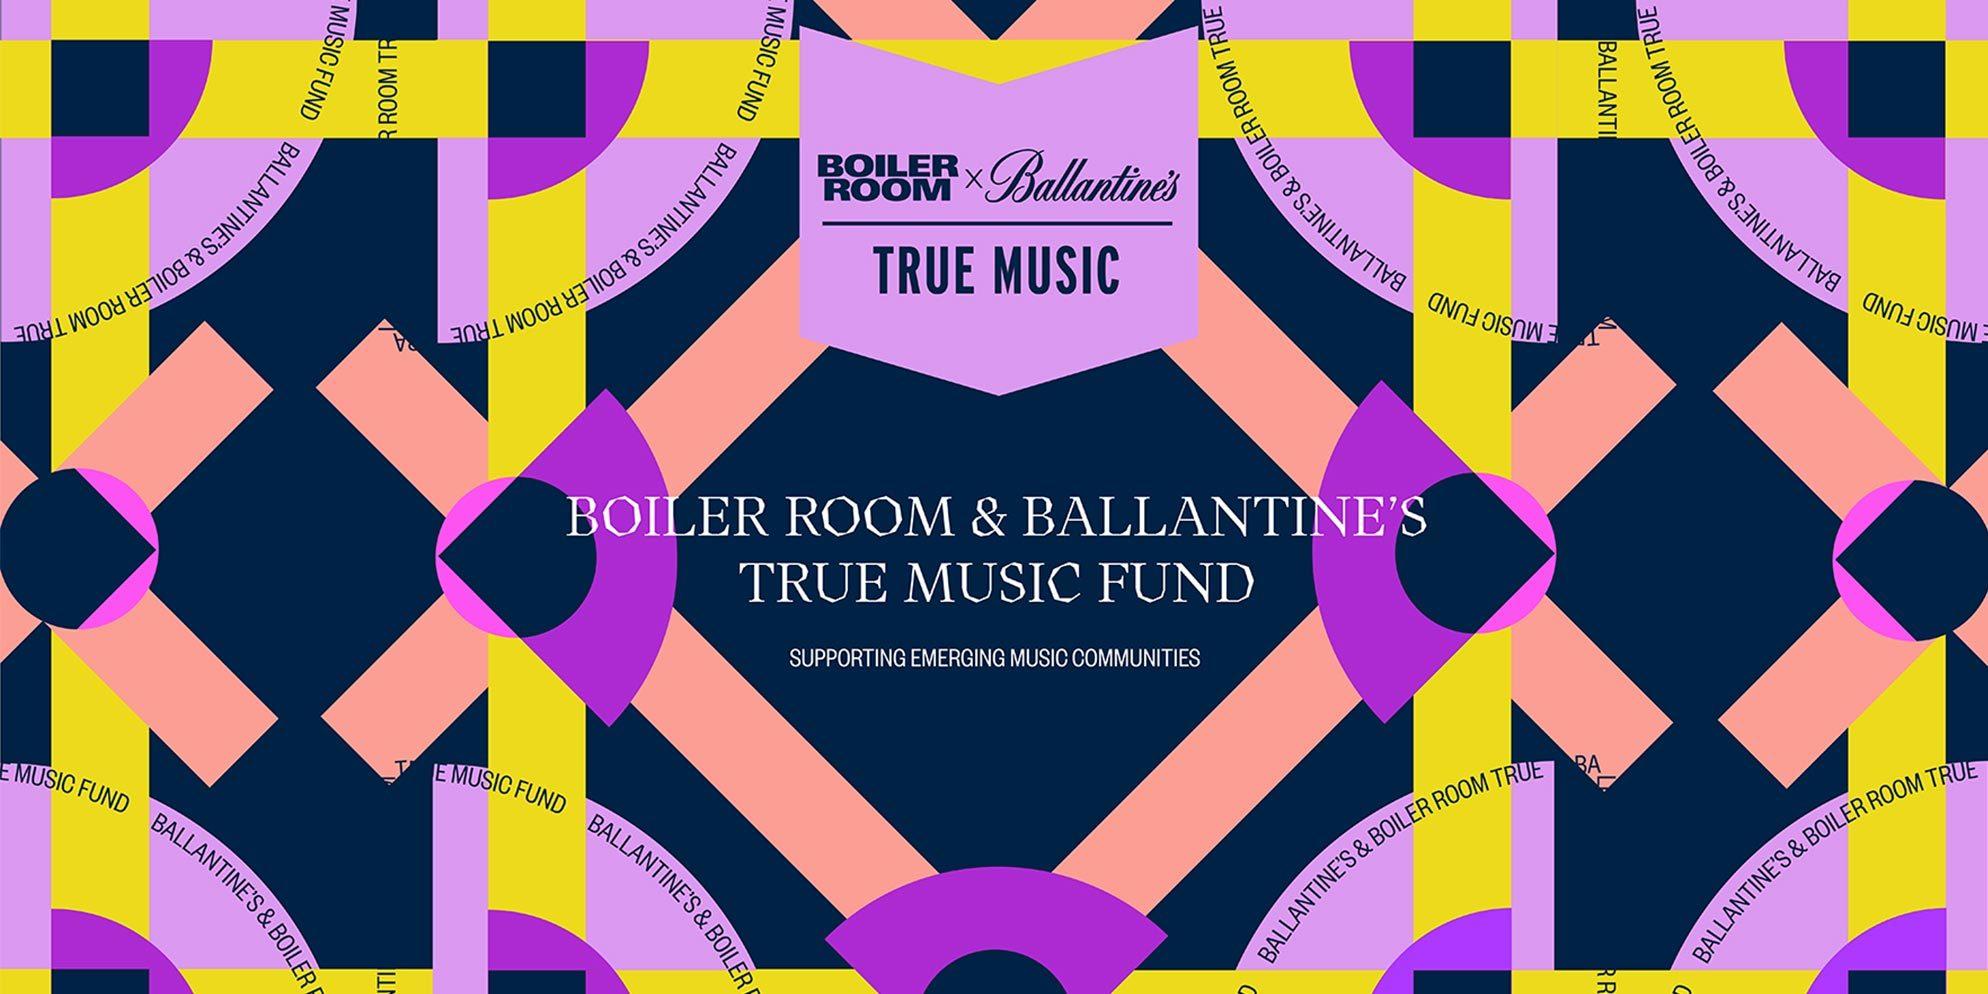 True Music Fund